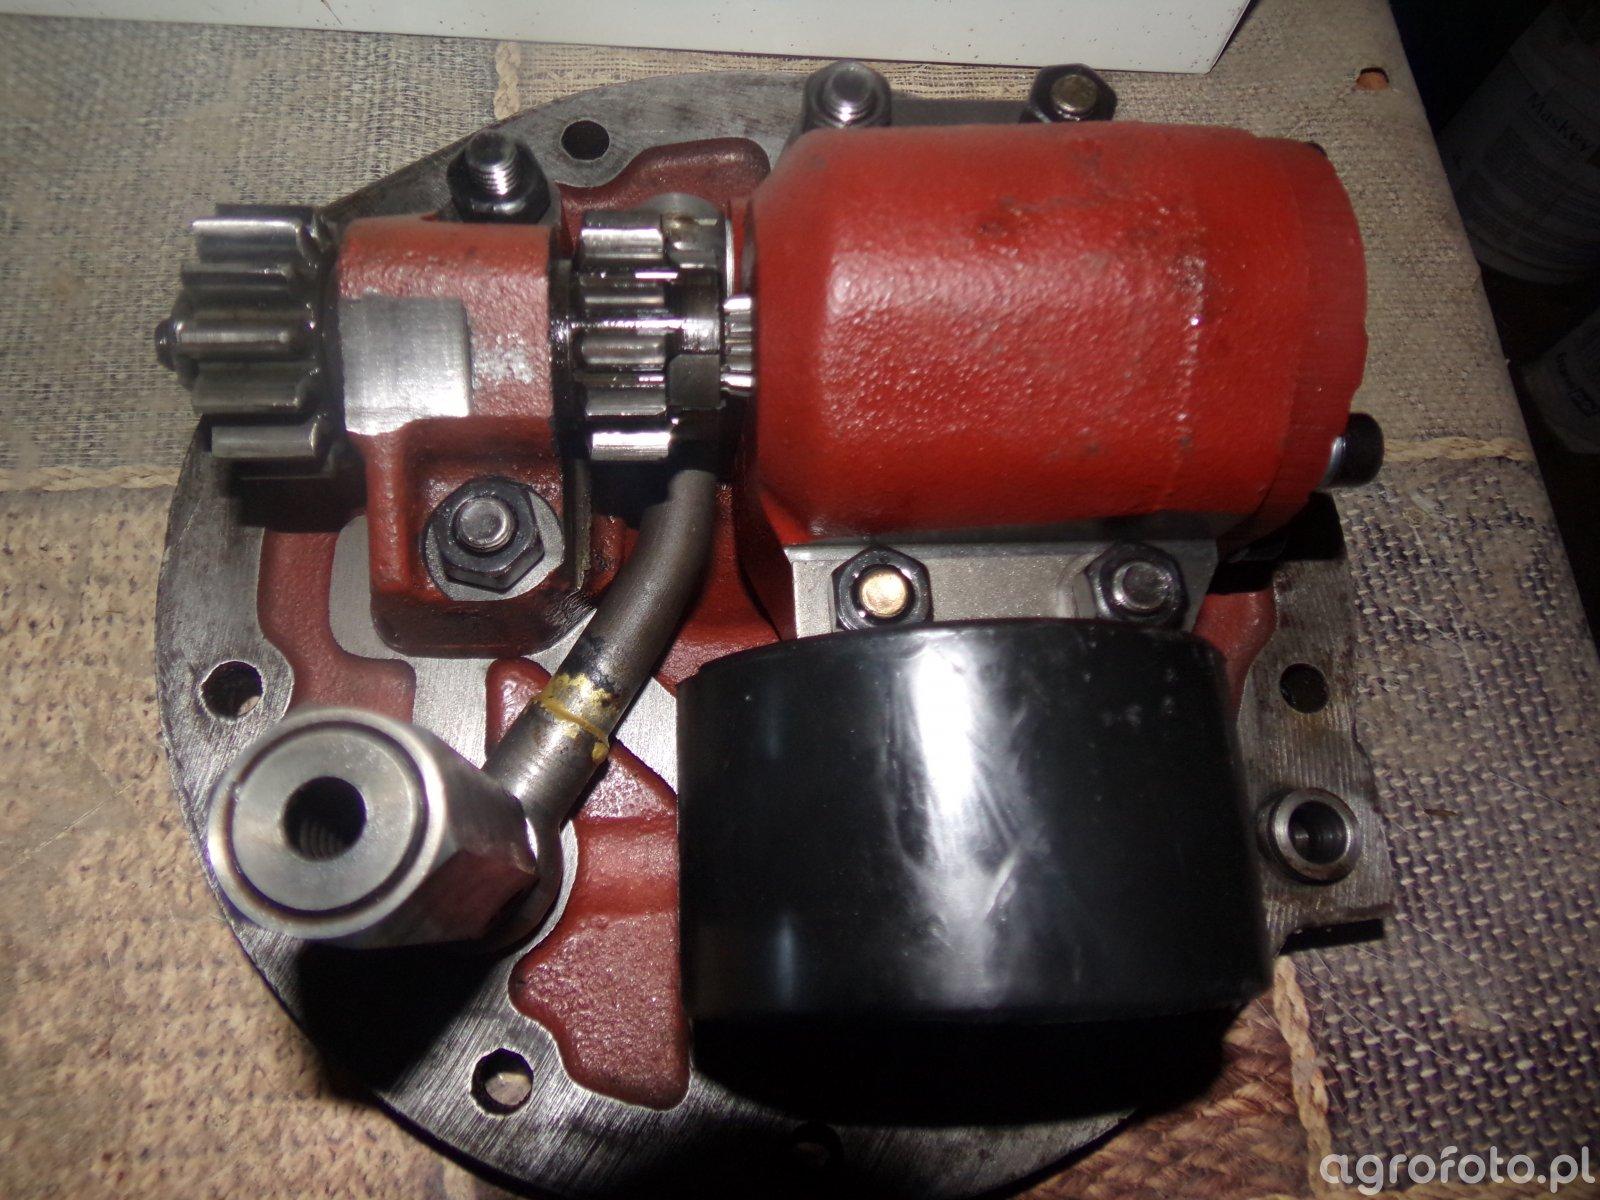 Ursus C360 3P - remont podnośnika